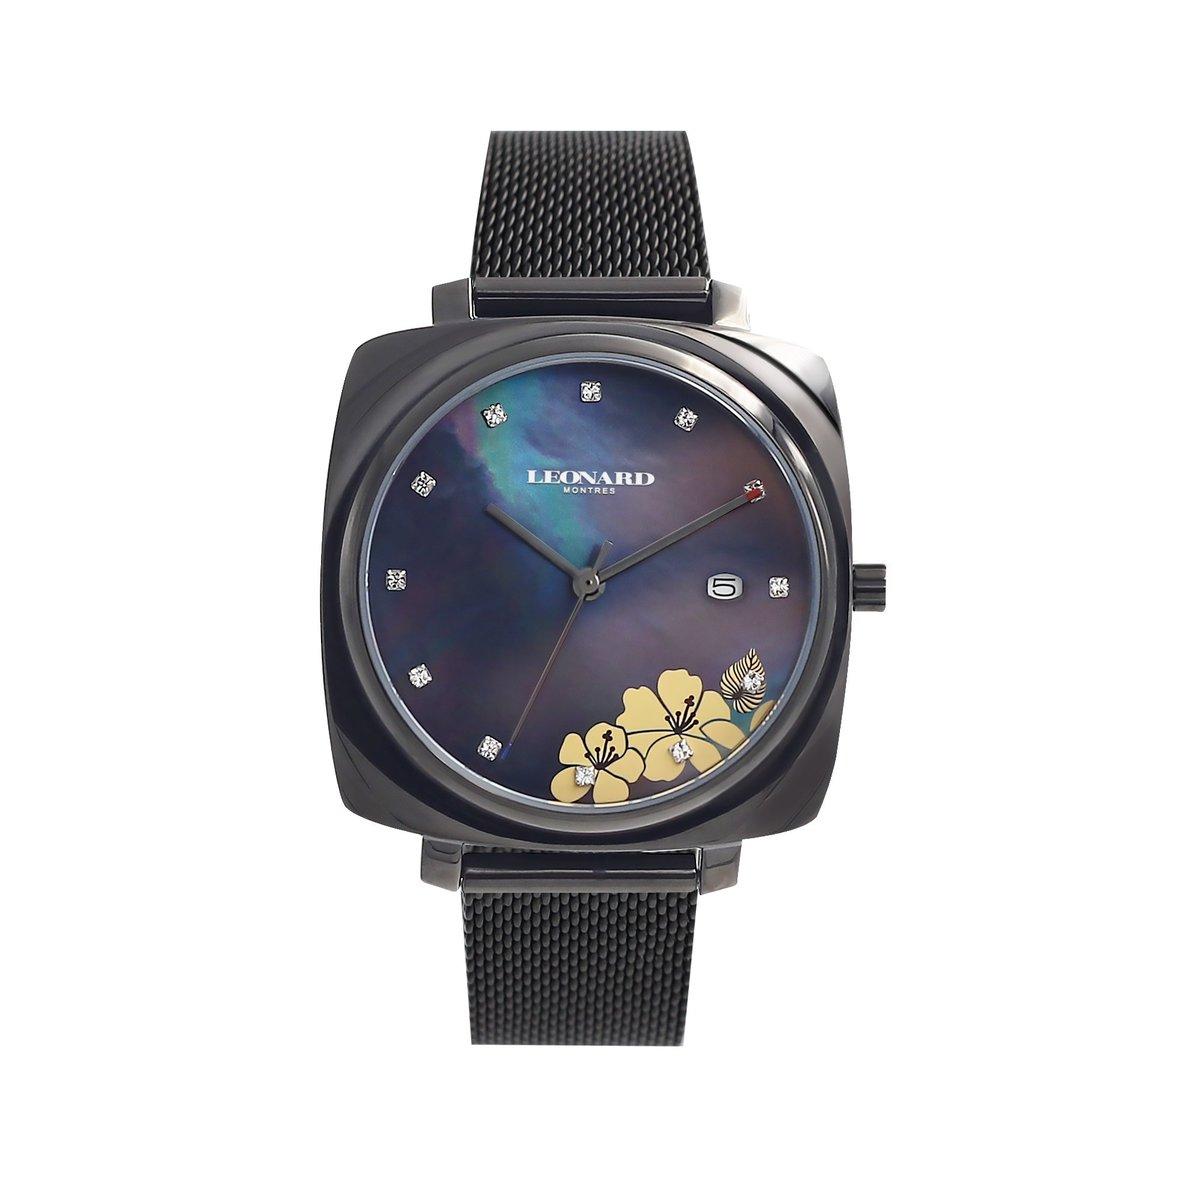 時尚印花枕形腕錶 LLF1018-17B